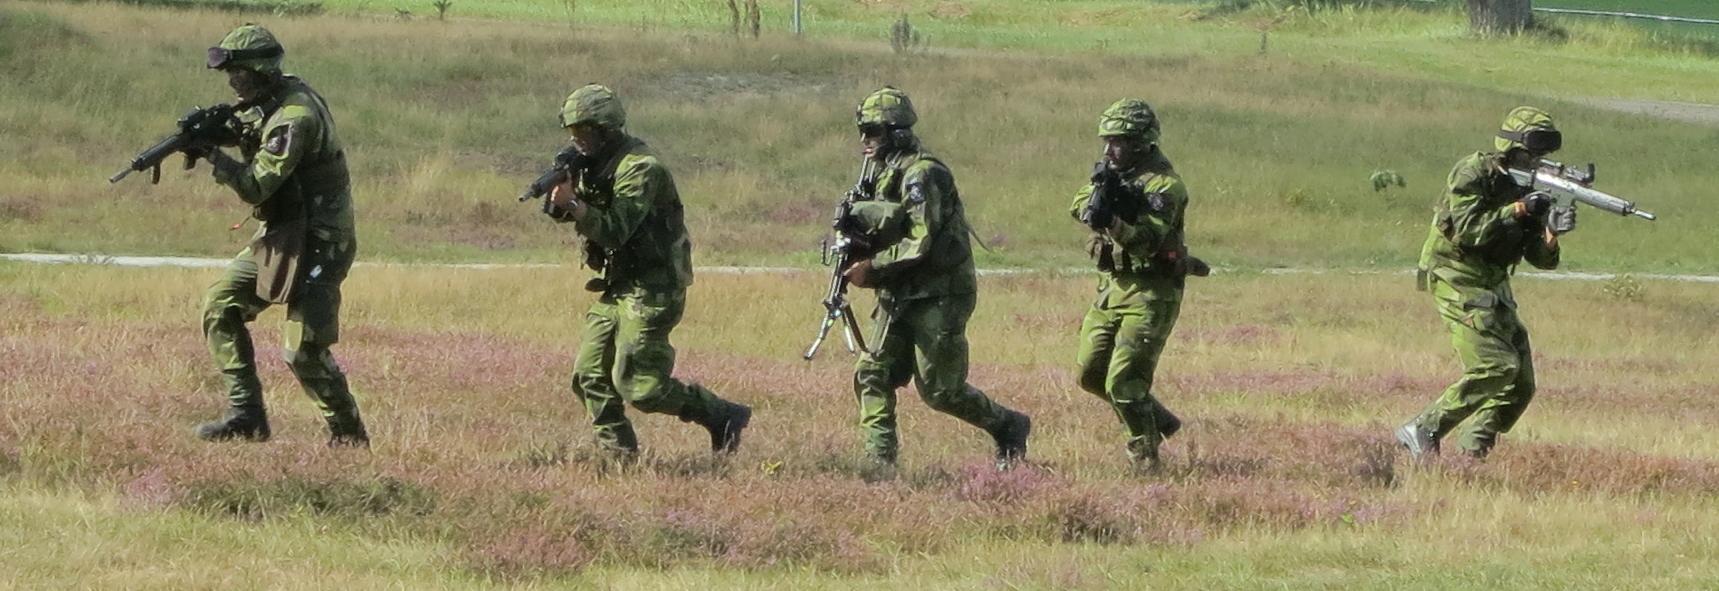 Foto av svenska soldater som framrycker över fält i grupp.